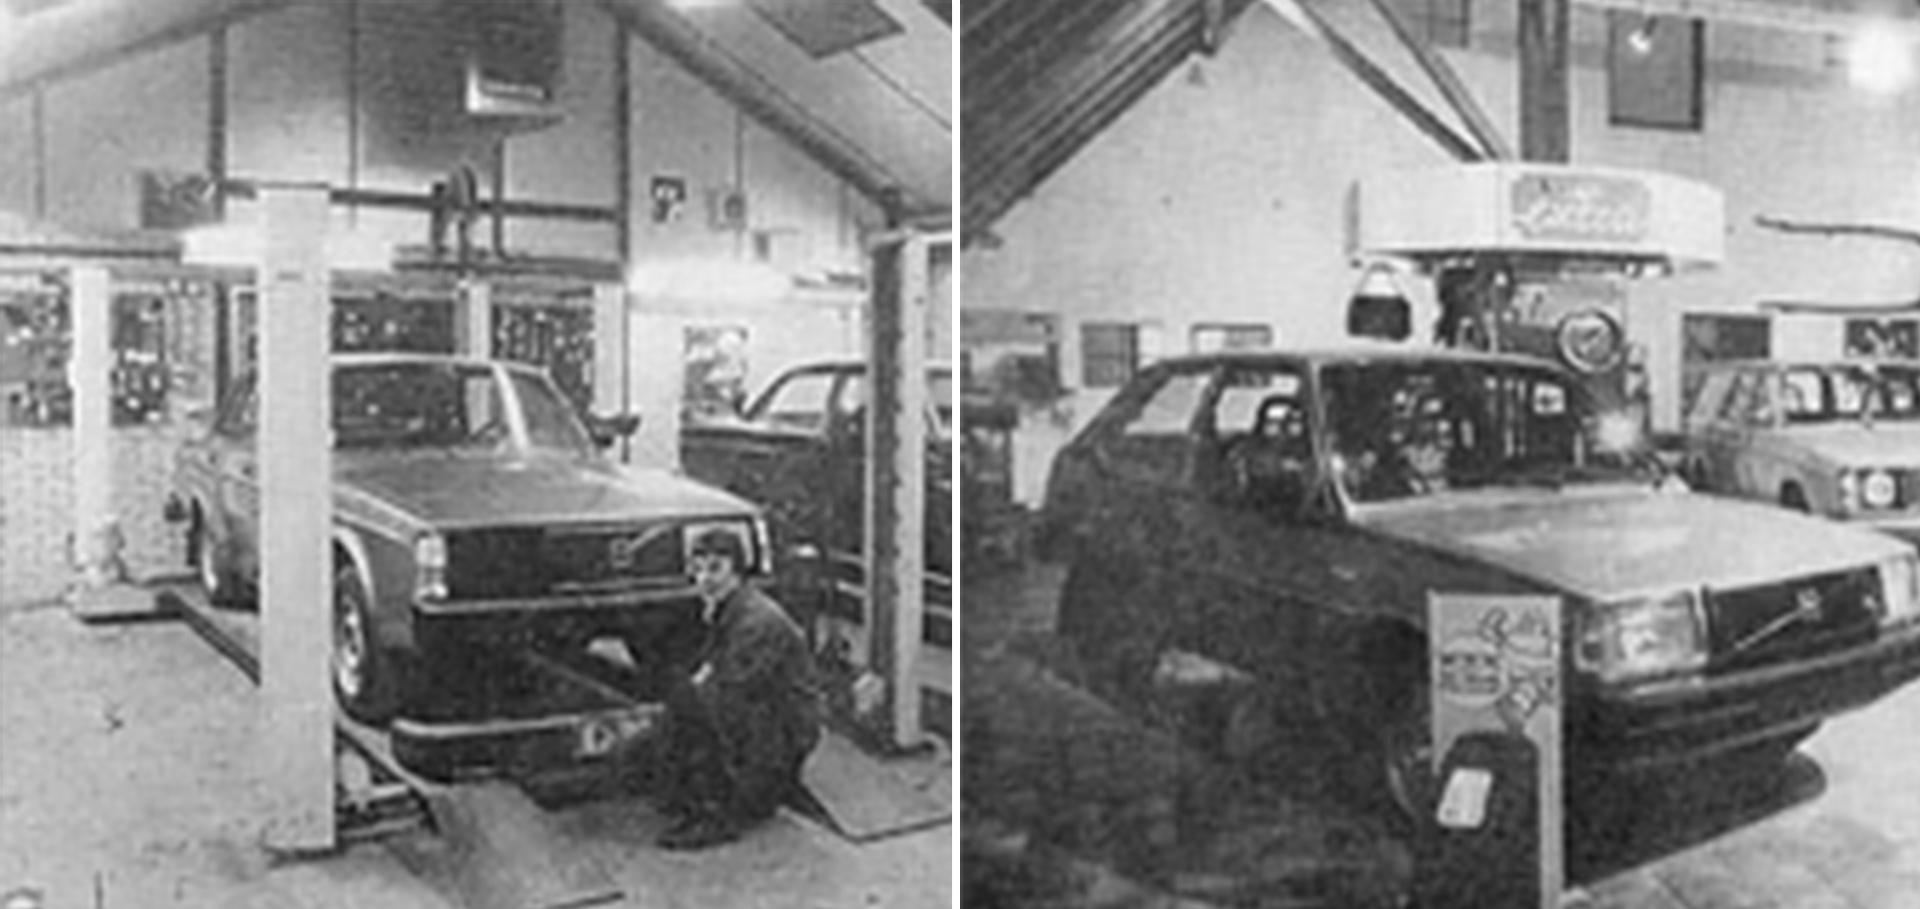 Historie Volvo Brouwer Rogat